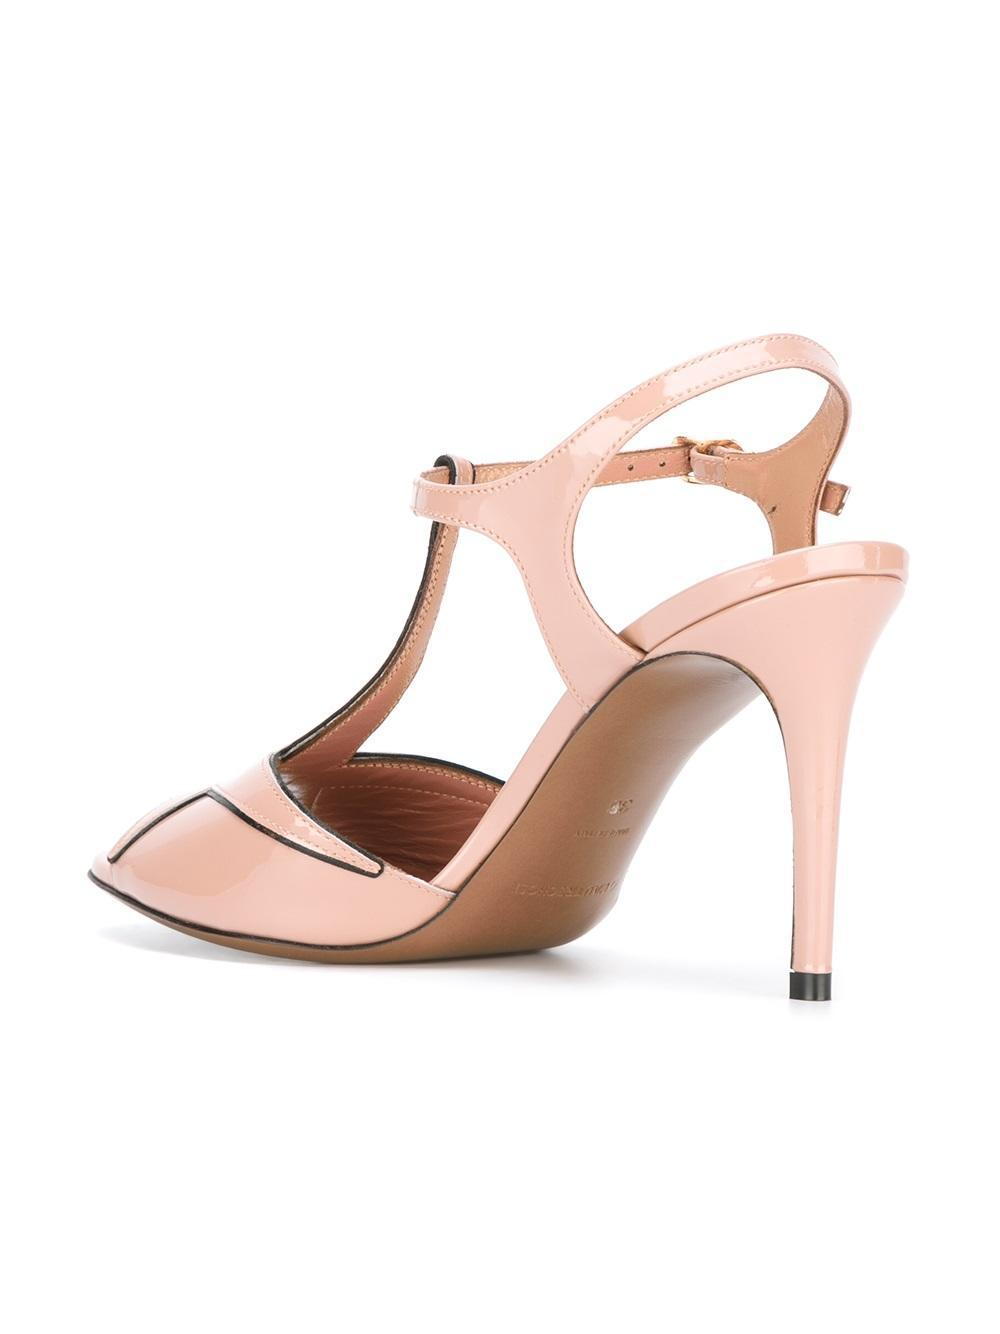 L'a Choisi Des Sandales T Autre-bar - Rose Et Violet HYQiS1mq